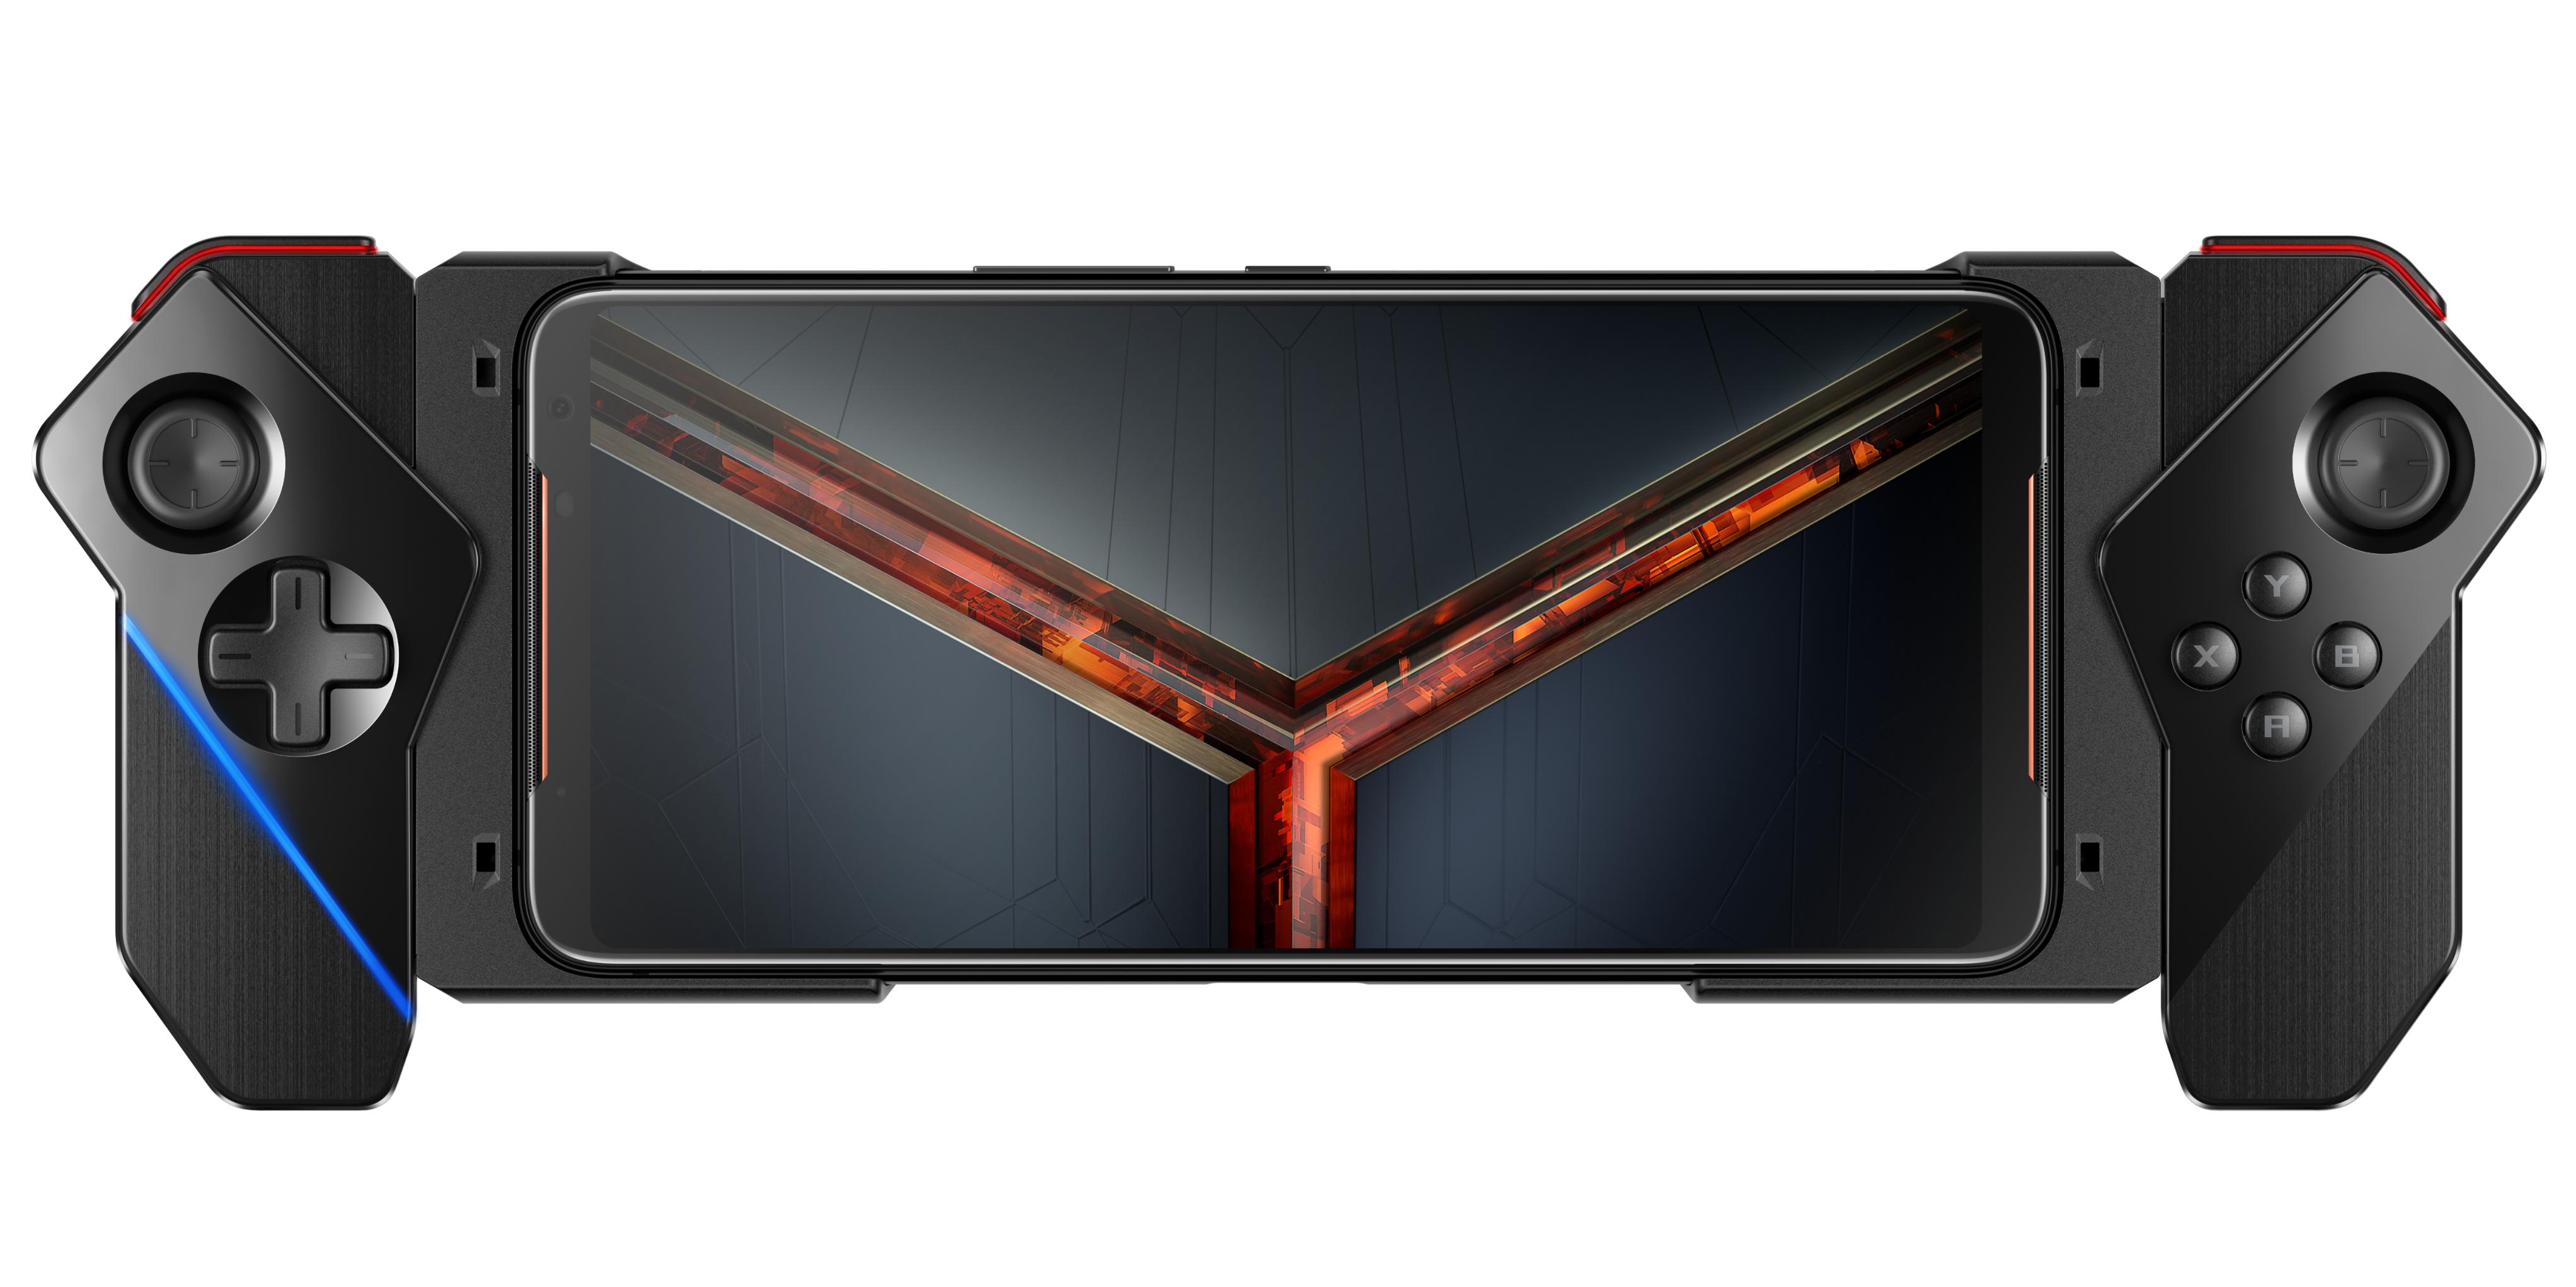 بإمكان ASUS ROG Phone II القوي بشكل لا يصدق تشغيل هذه الألعاب بسرعة 120 إطارًا في الثانية 2